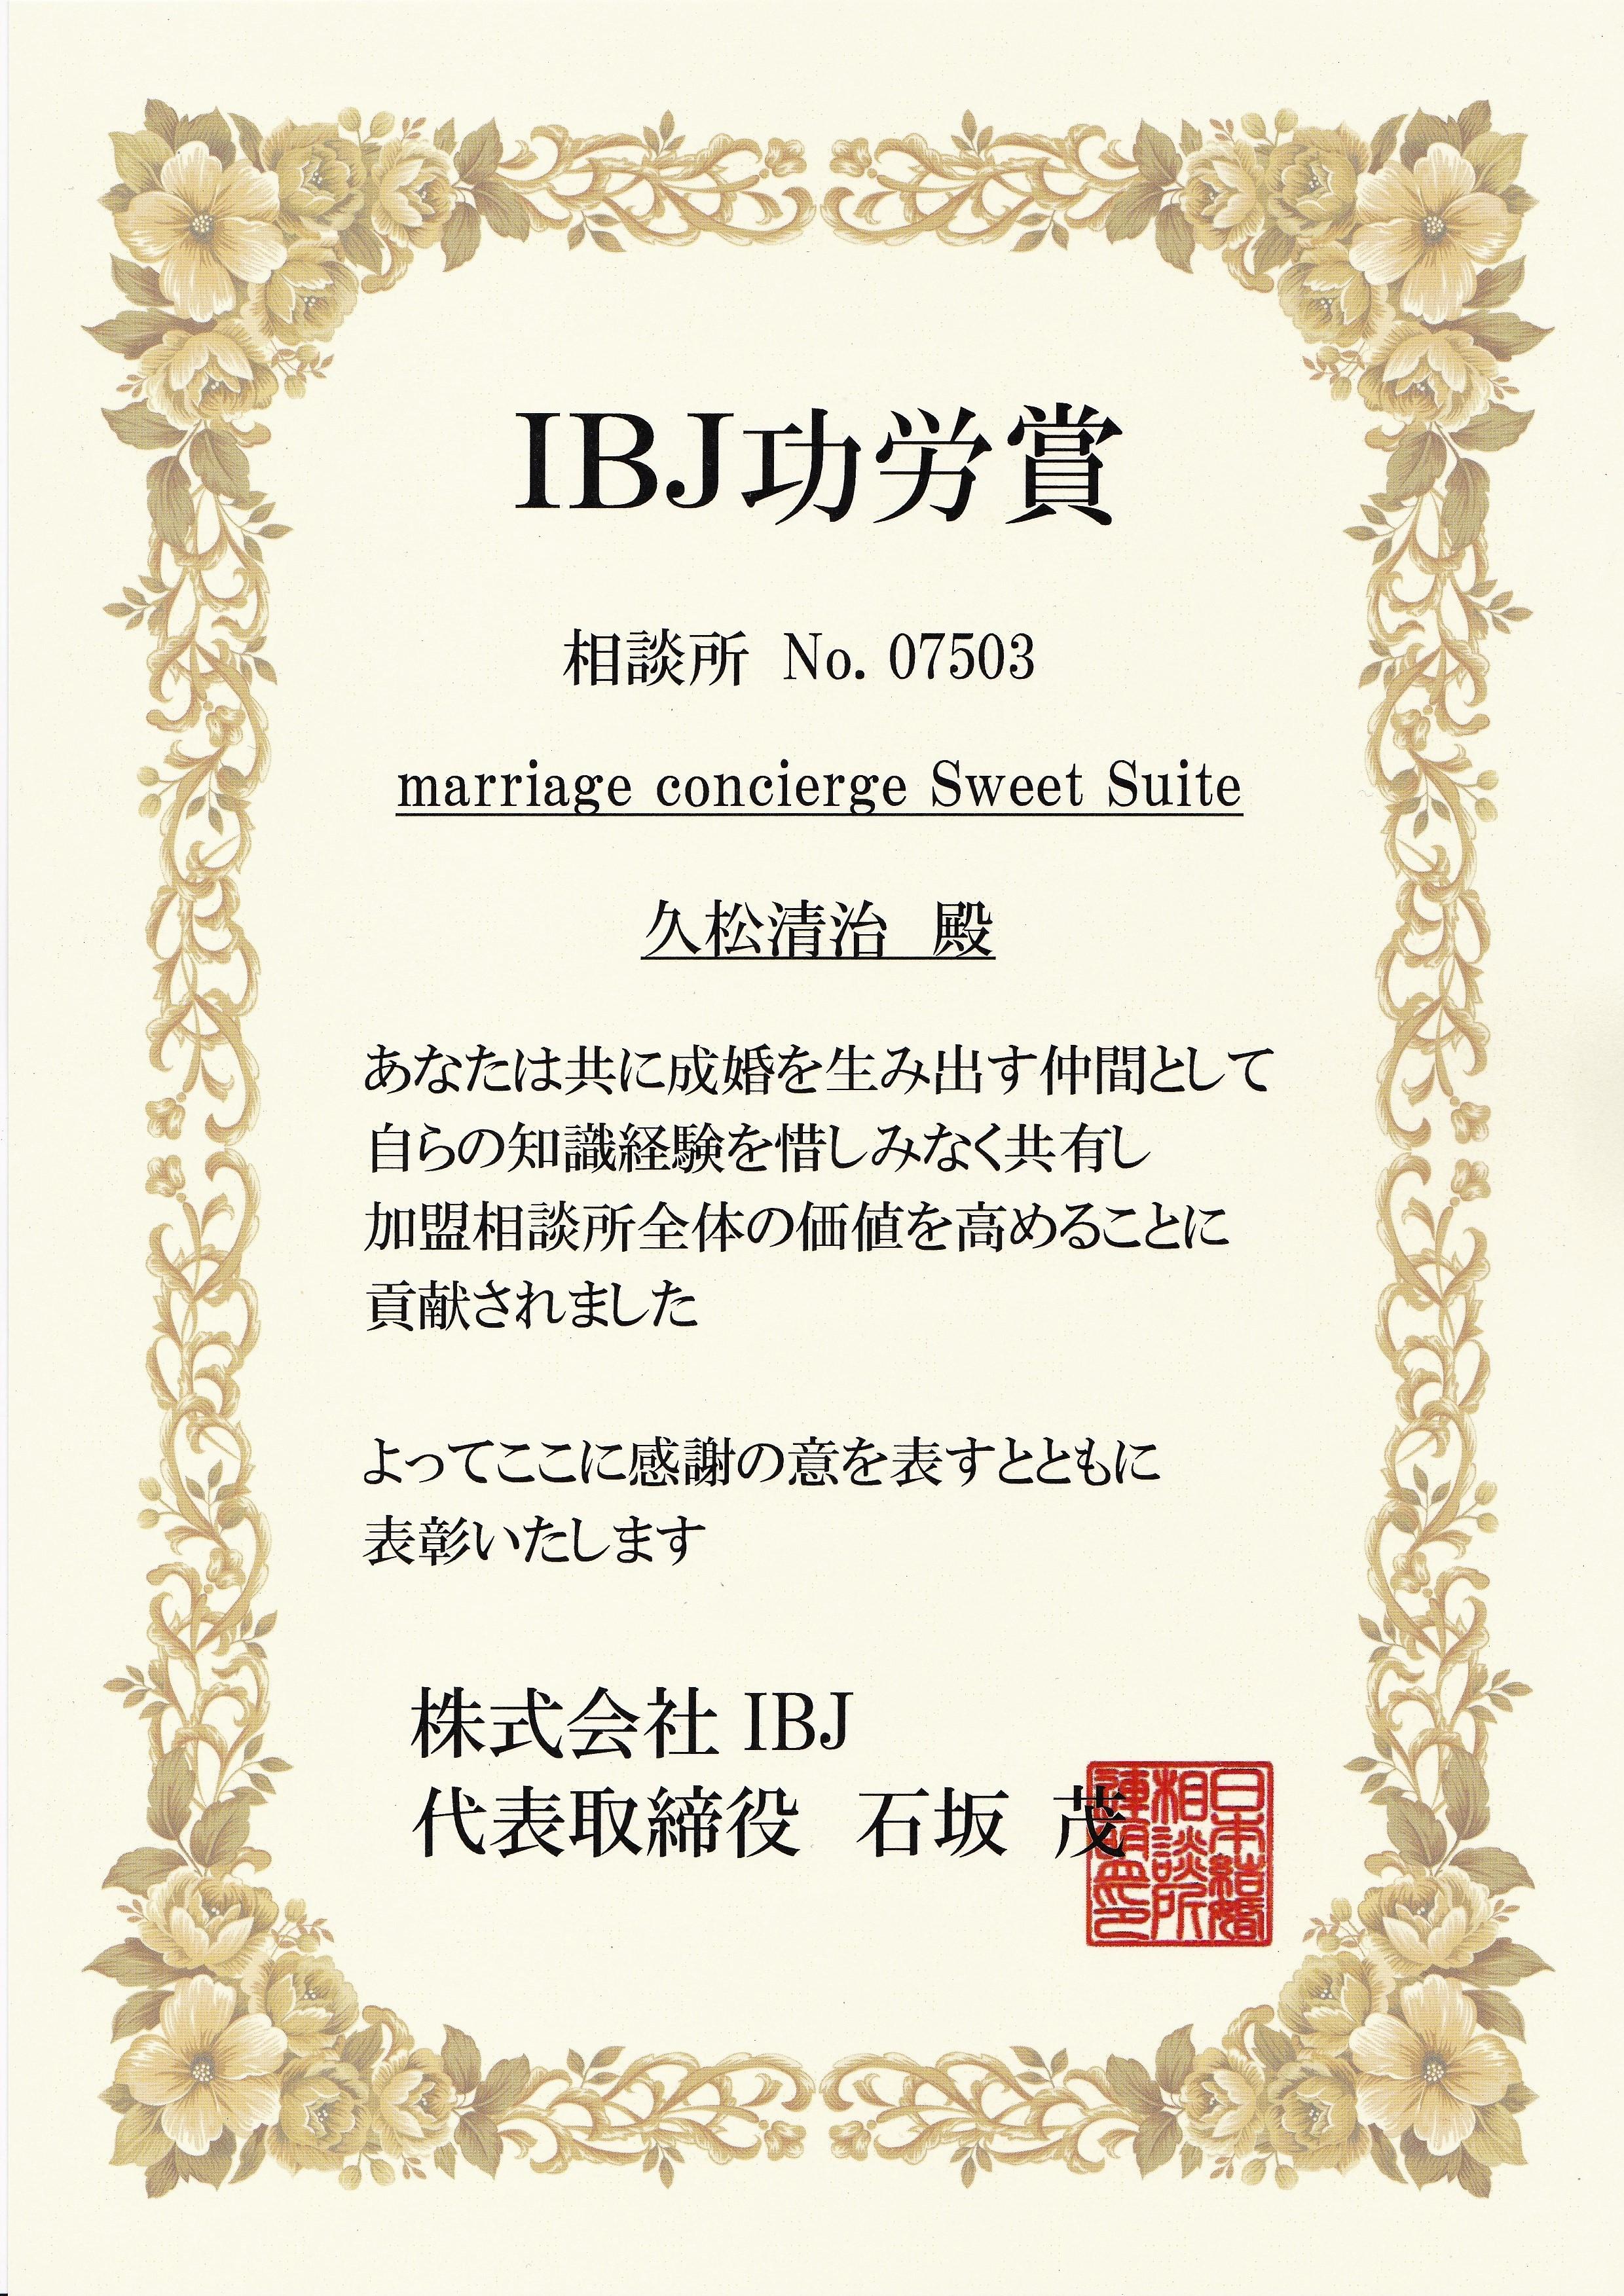 名古屋の結婚相談所スイートスイートが表彰されました!